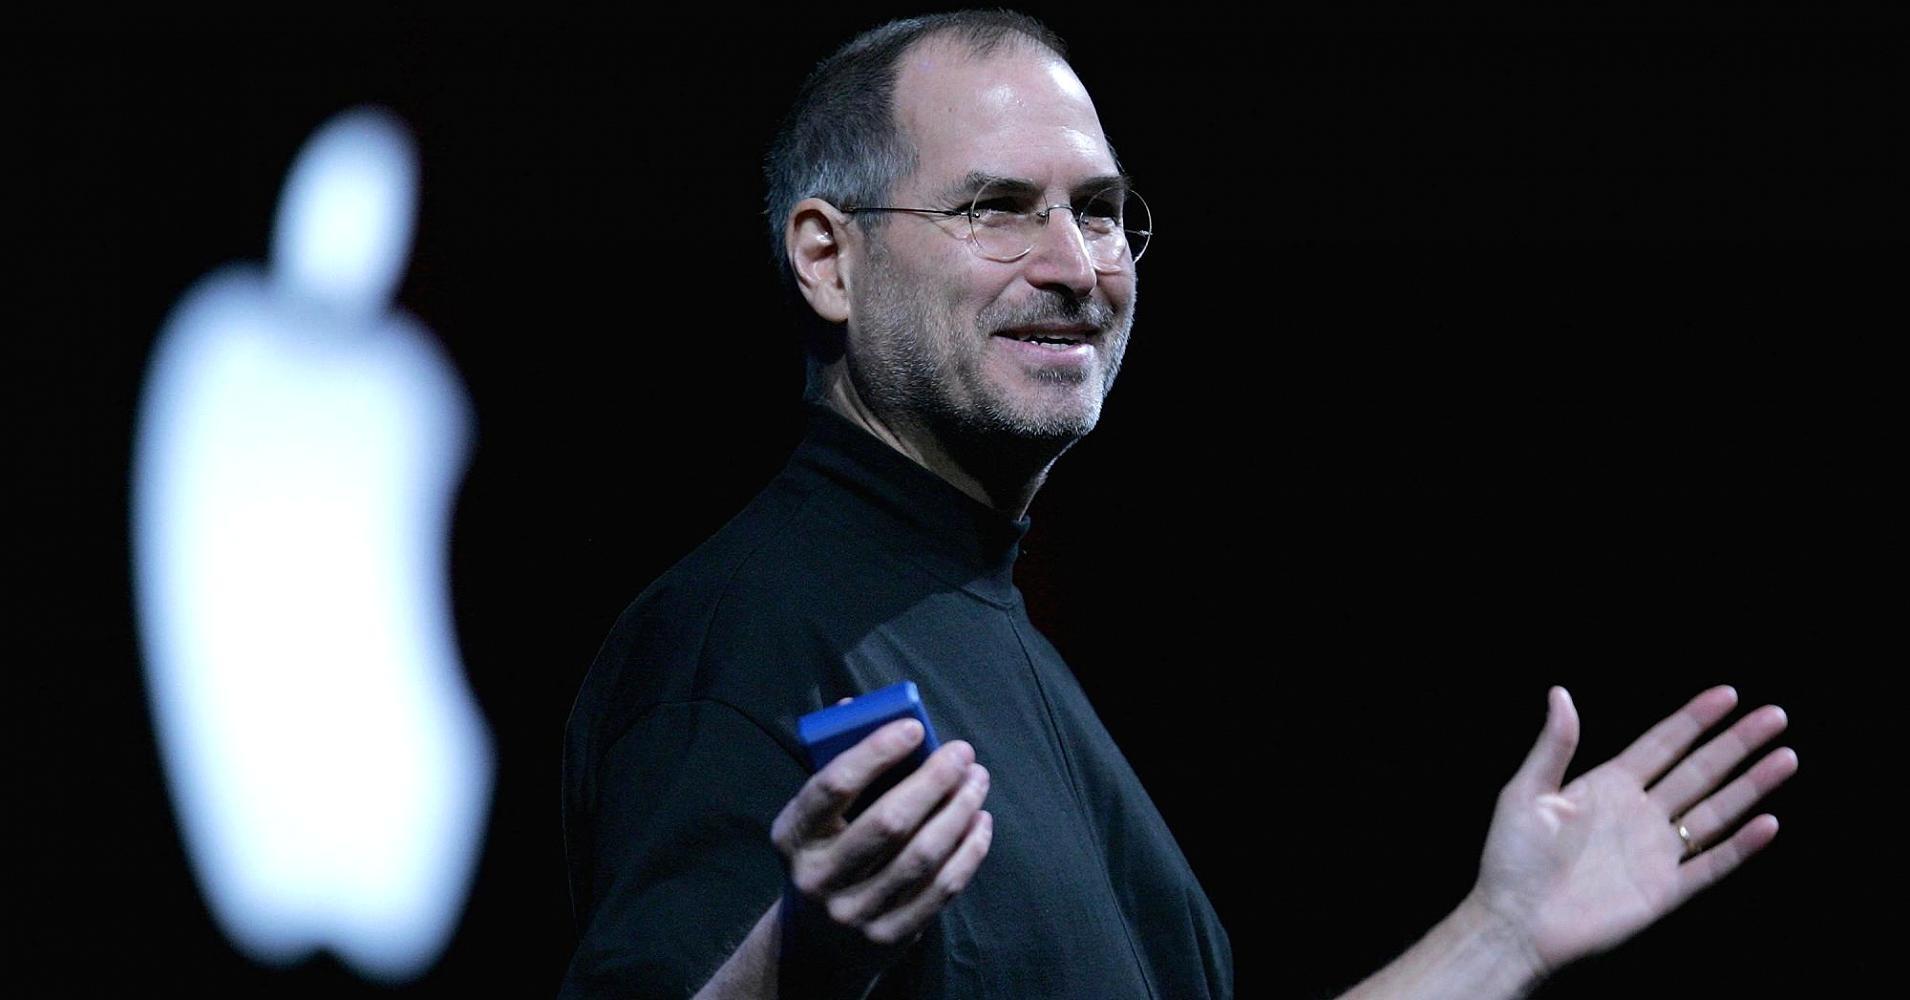 7 sếp lớn công nghệ này toàn nghỉ học để đi làm tỷ phú, nhưng đừng bắt chước họ nhé - Ảnh 2.